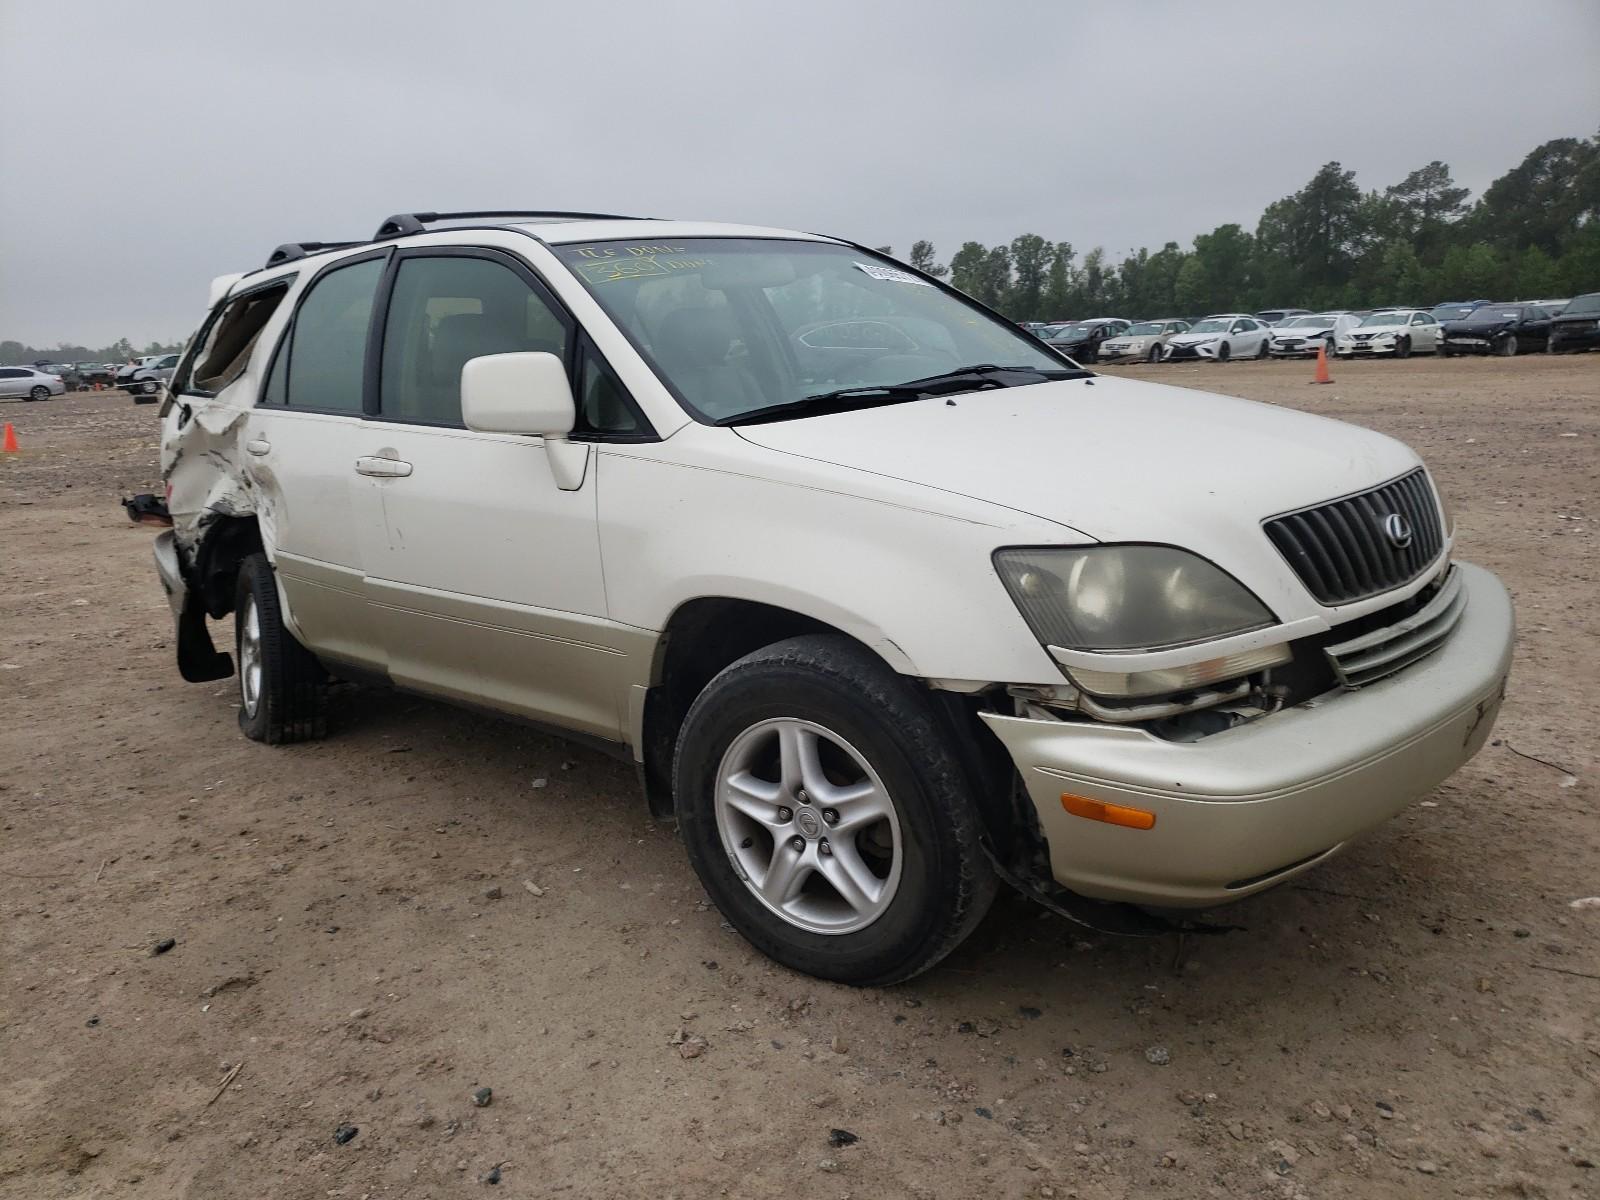 2000 LEXUS RX 300 - JT6HF10U7Y0130886